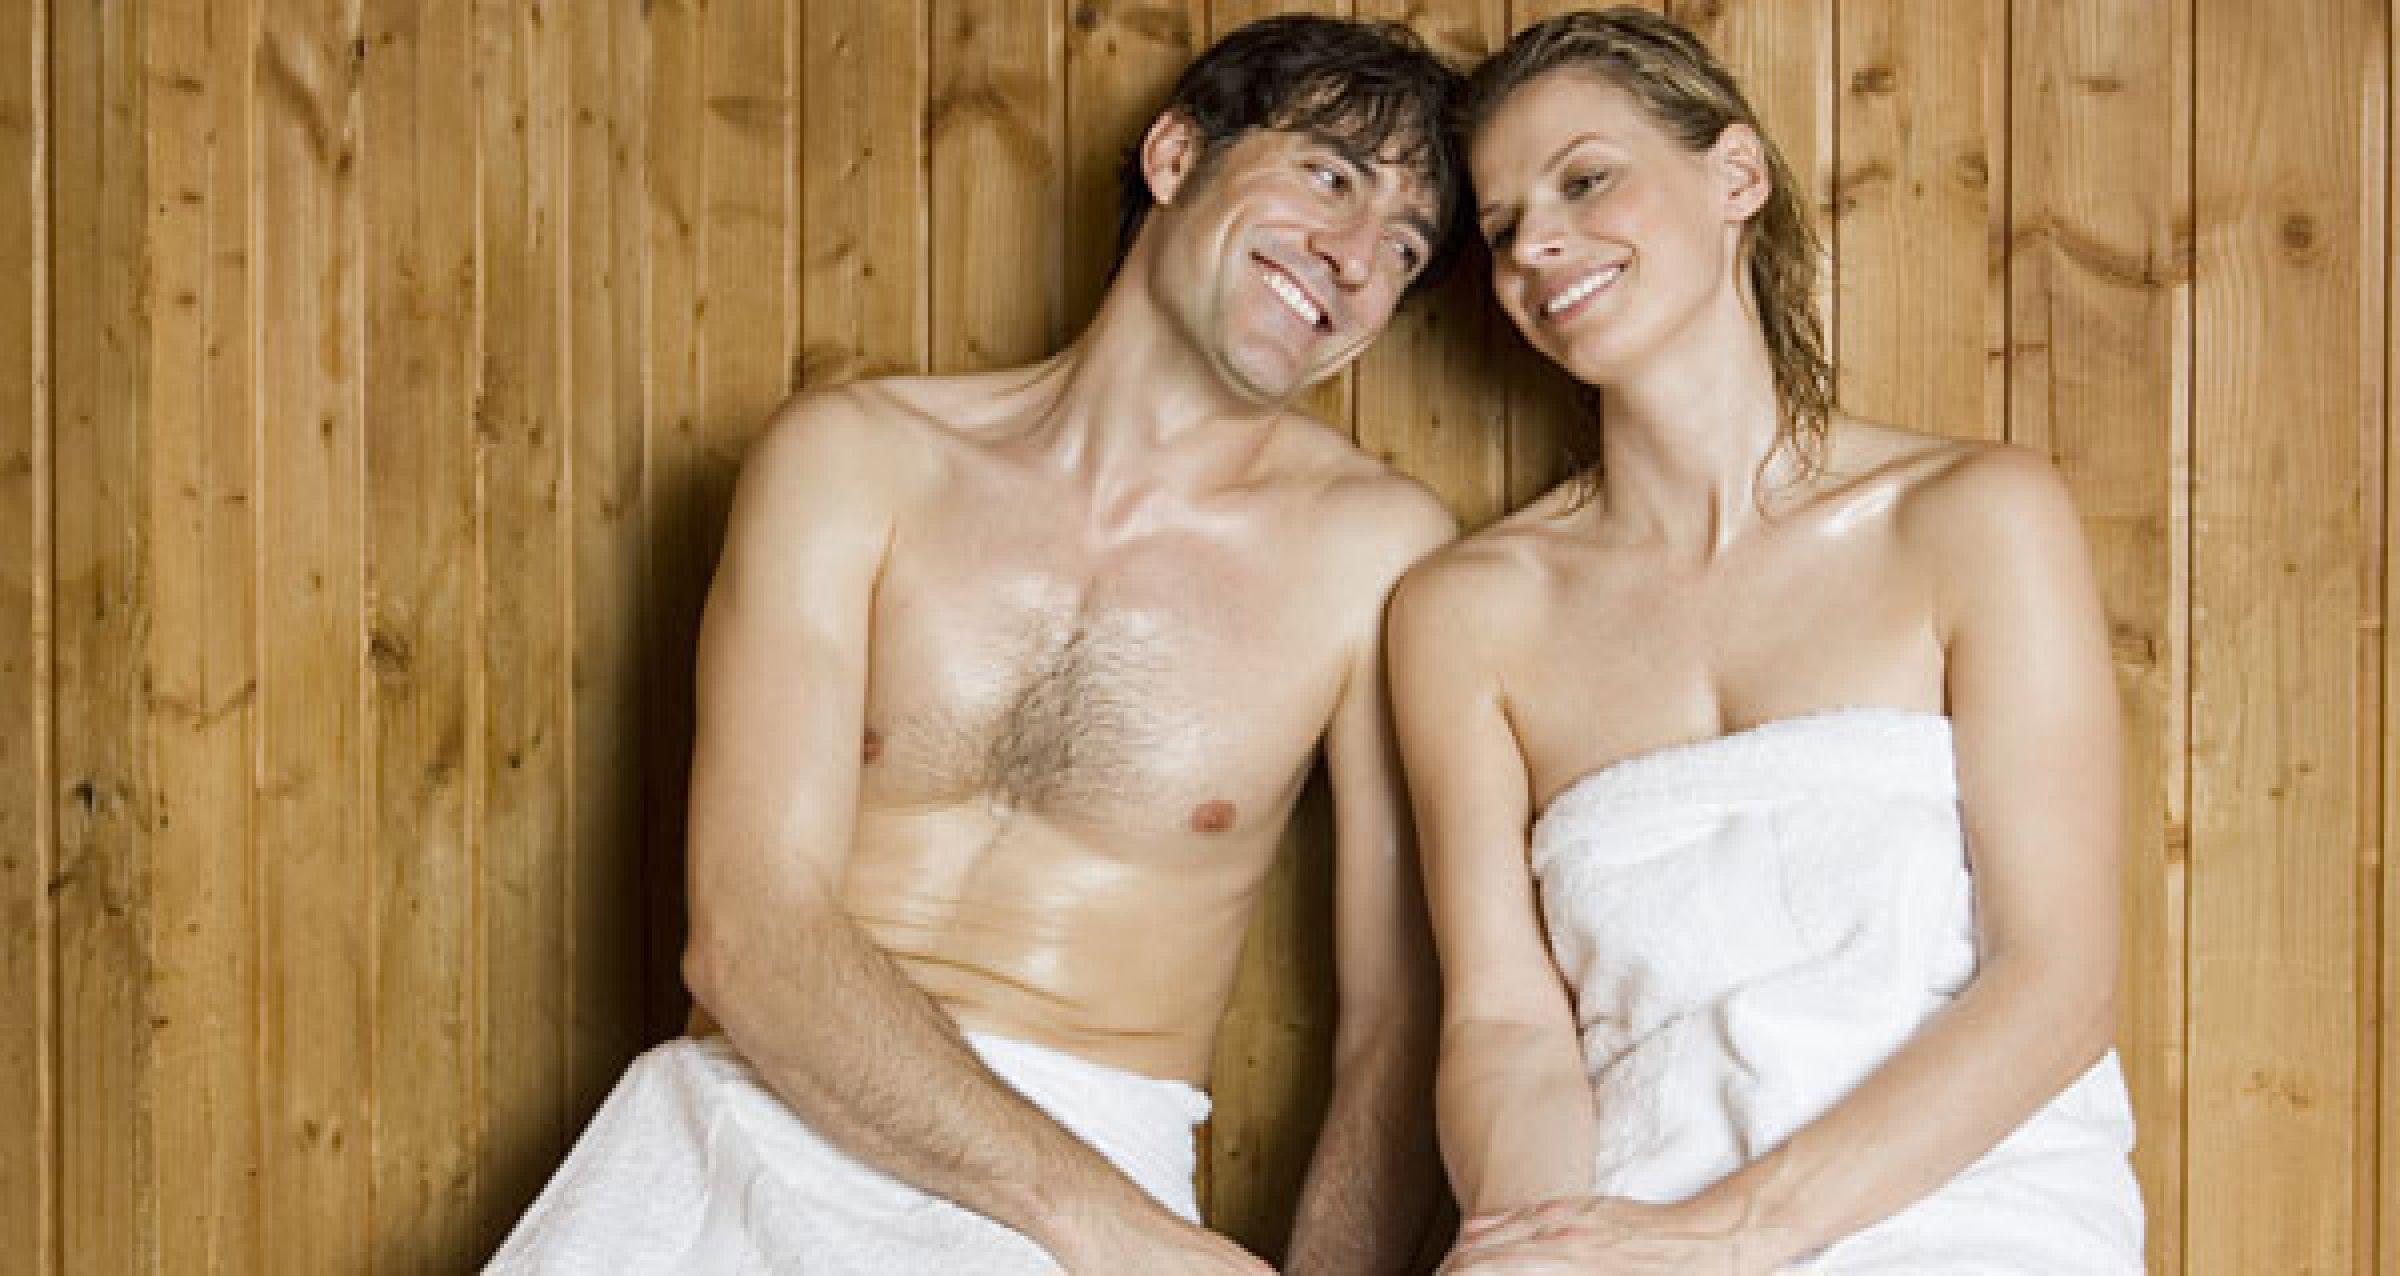 Рассказ секс в бане с друзьями, Порно рассказ: В первый раз с другом в бане 21 фотография